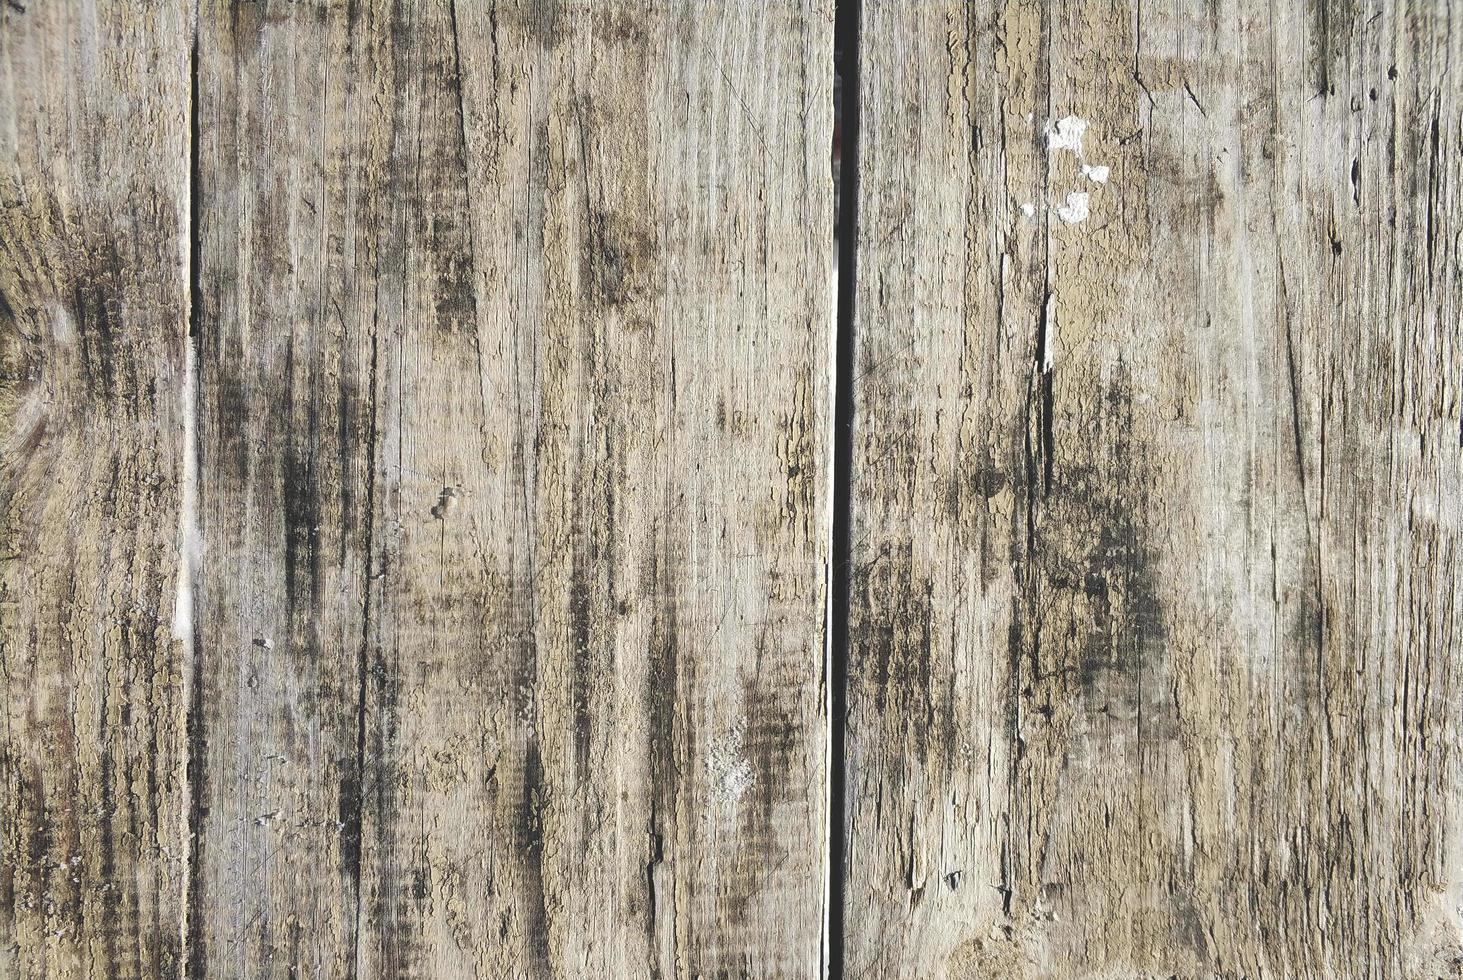 superfície de madeira marrom foto